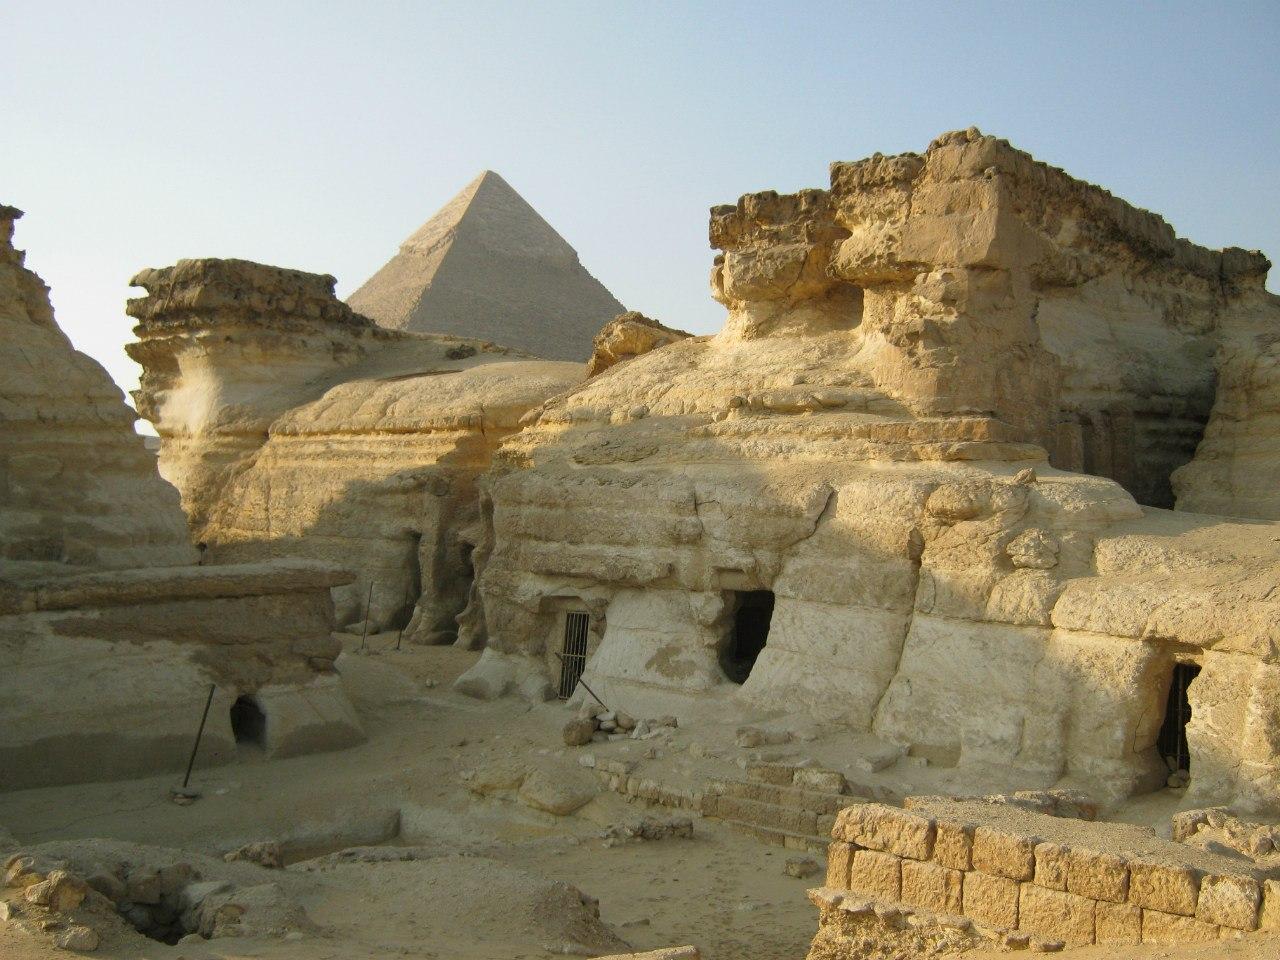 дополнительные сооружения в комплексе пирамид Гизы